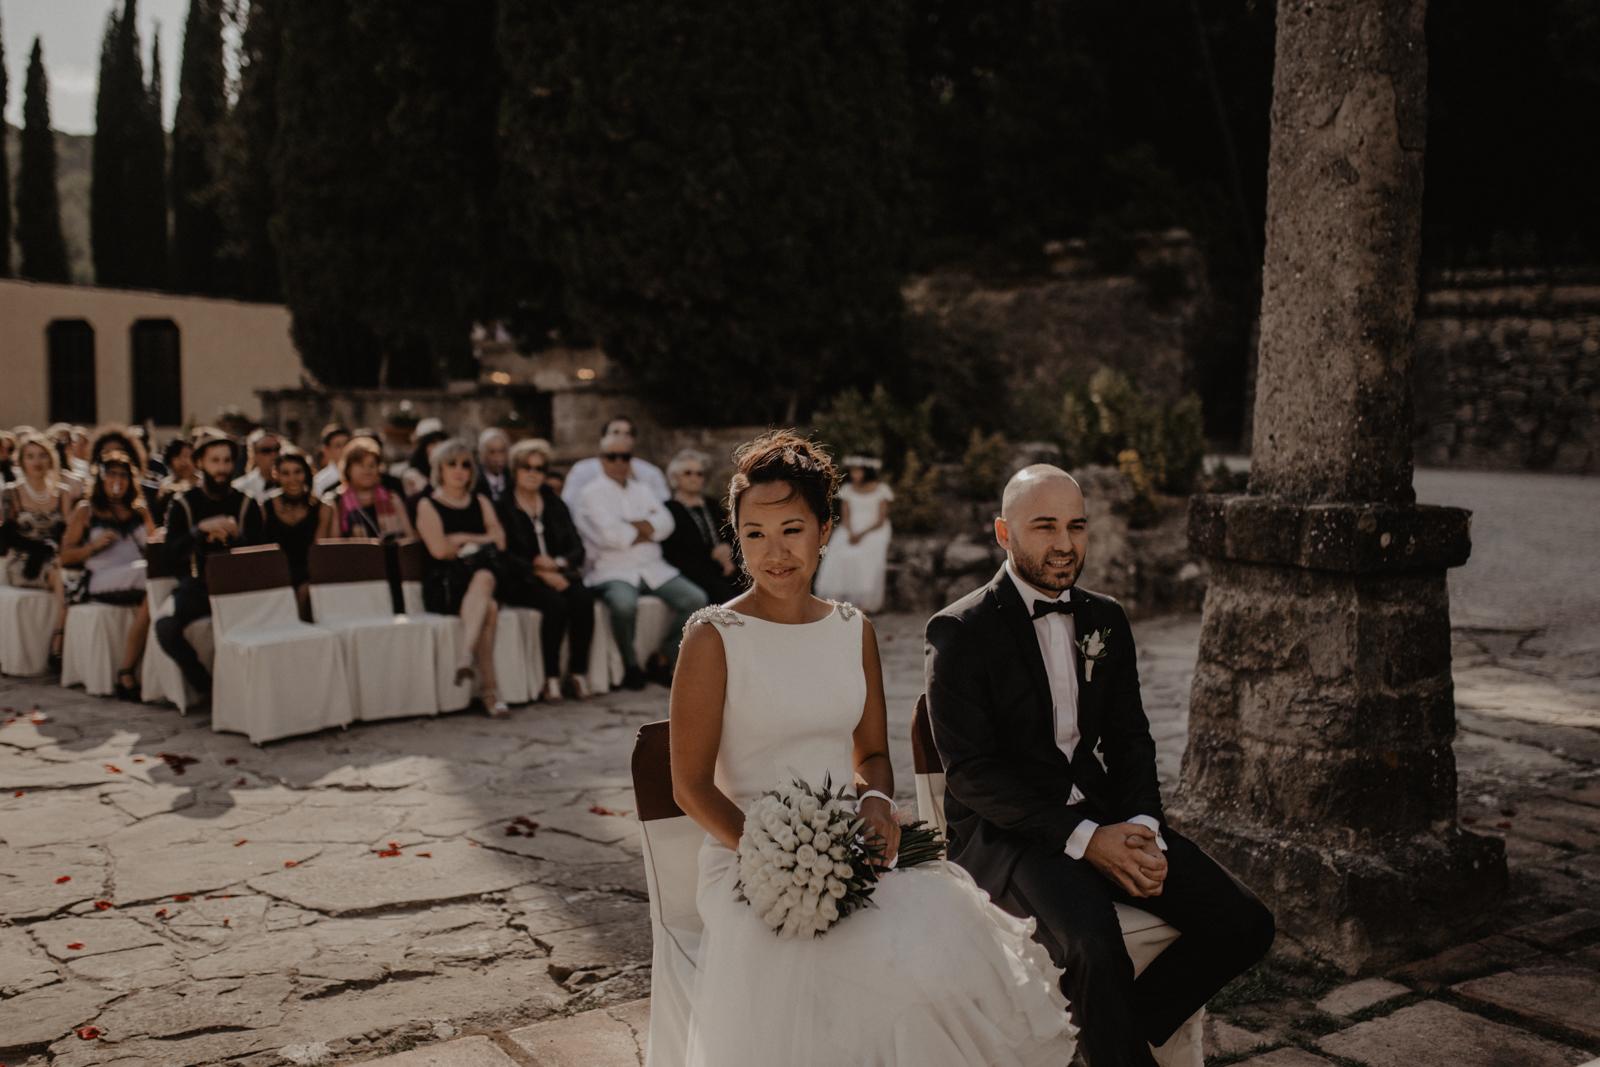 thenortherngirlphotography_photography_thenortherngirl_rebeccascabros_wedding_weddingphotography_weddingphotographer_barcelona_bodaenlabaronia_labaronia_japanesewedding_destinationwedding_shokoalbert-403.jpg